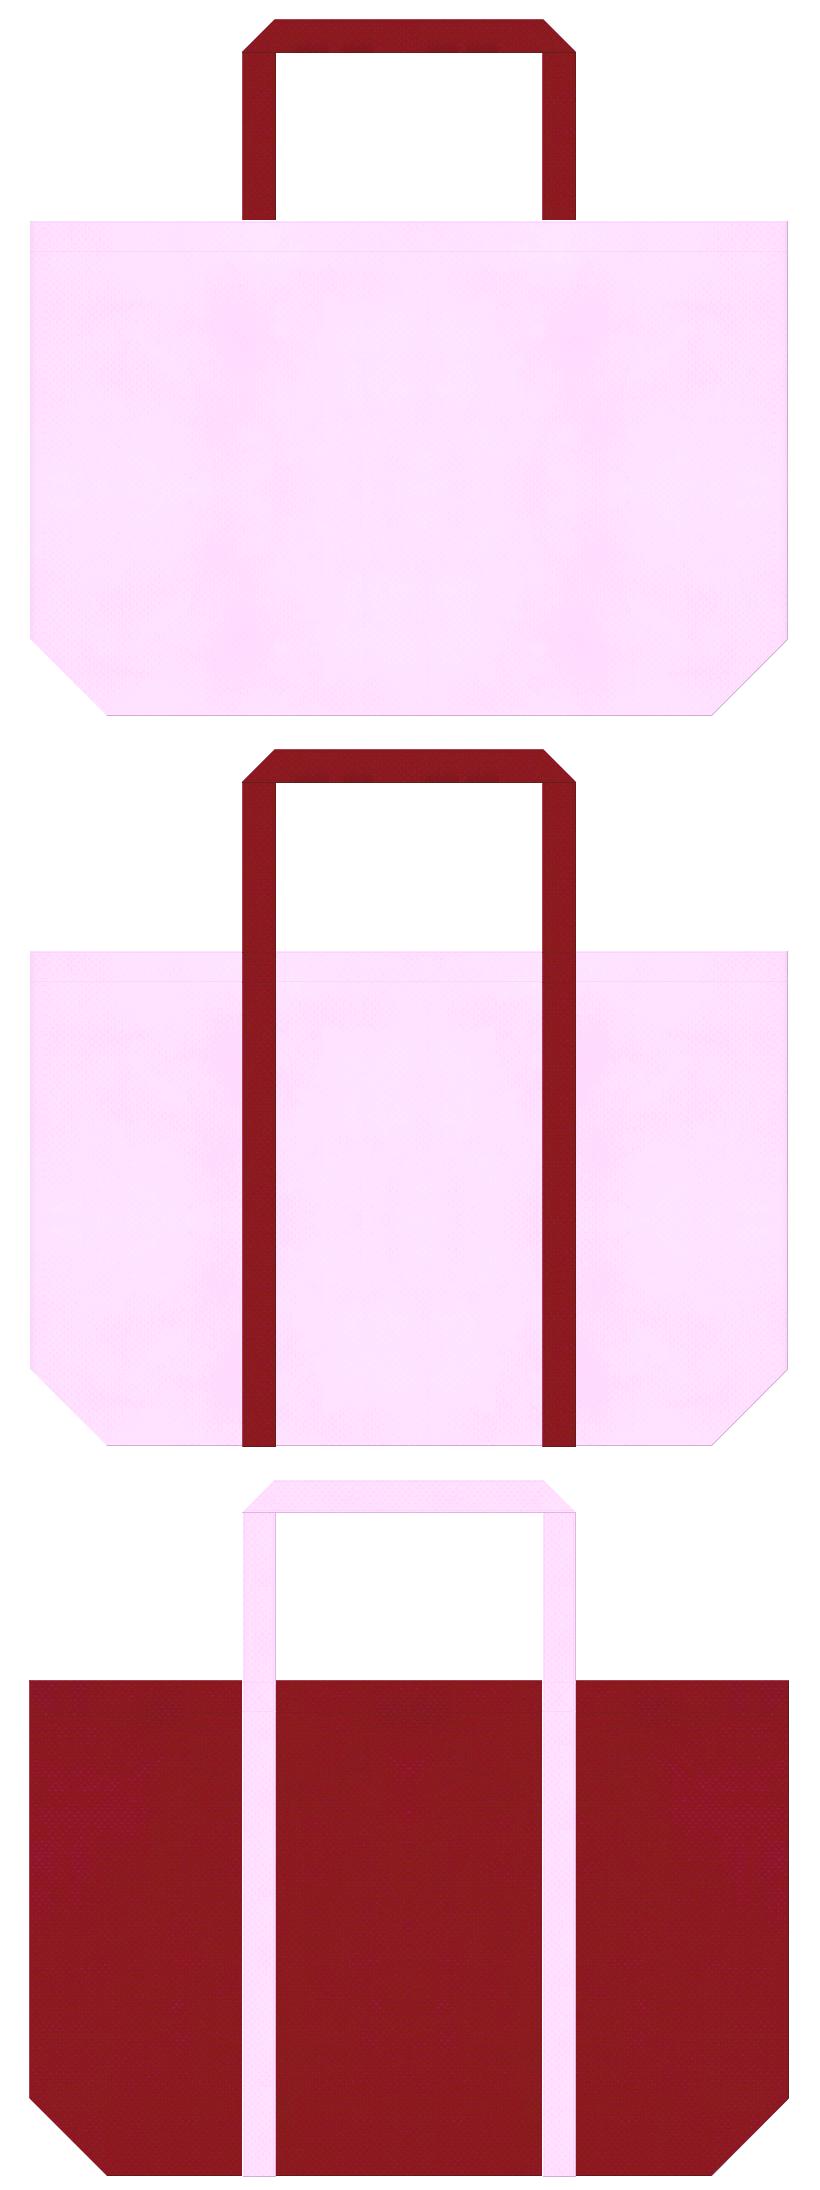 明るいピンク色とエンジ色の不織布ショッピングバッグデザイン:浴衣風の配色で、和風柄にお奨めの配色です。